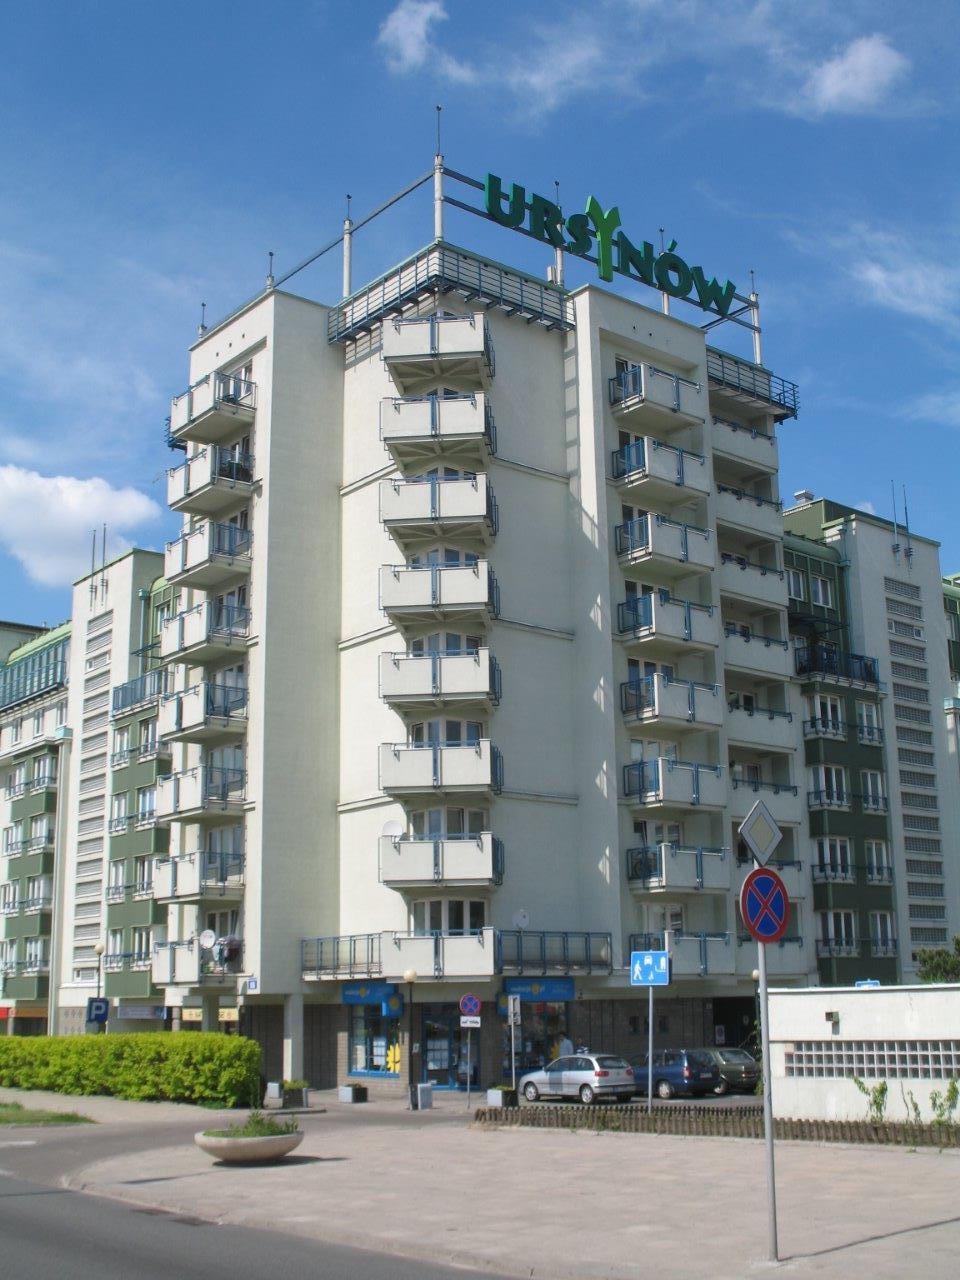 Wakacjepl Warszawa Ursynów, polecane dobre biuro podróży Warszawa Ursynów